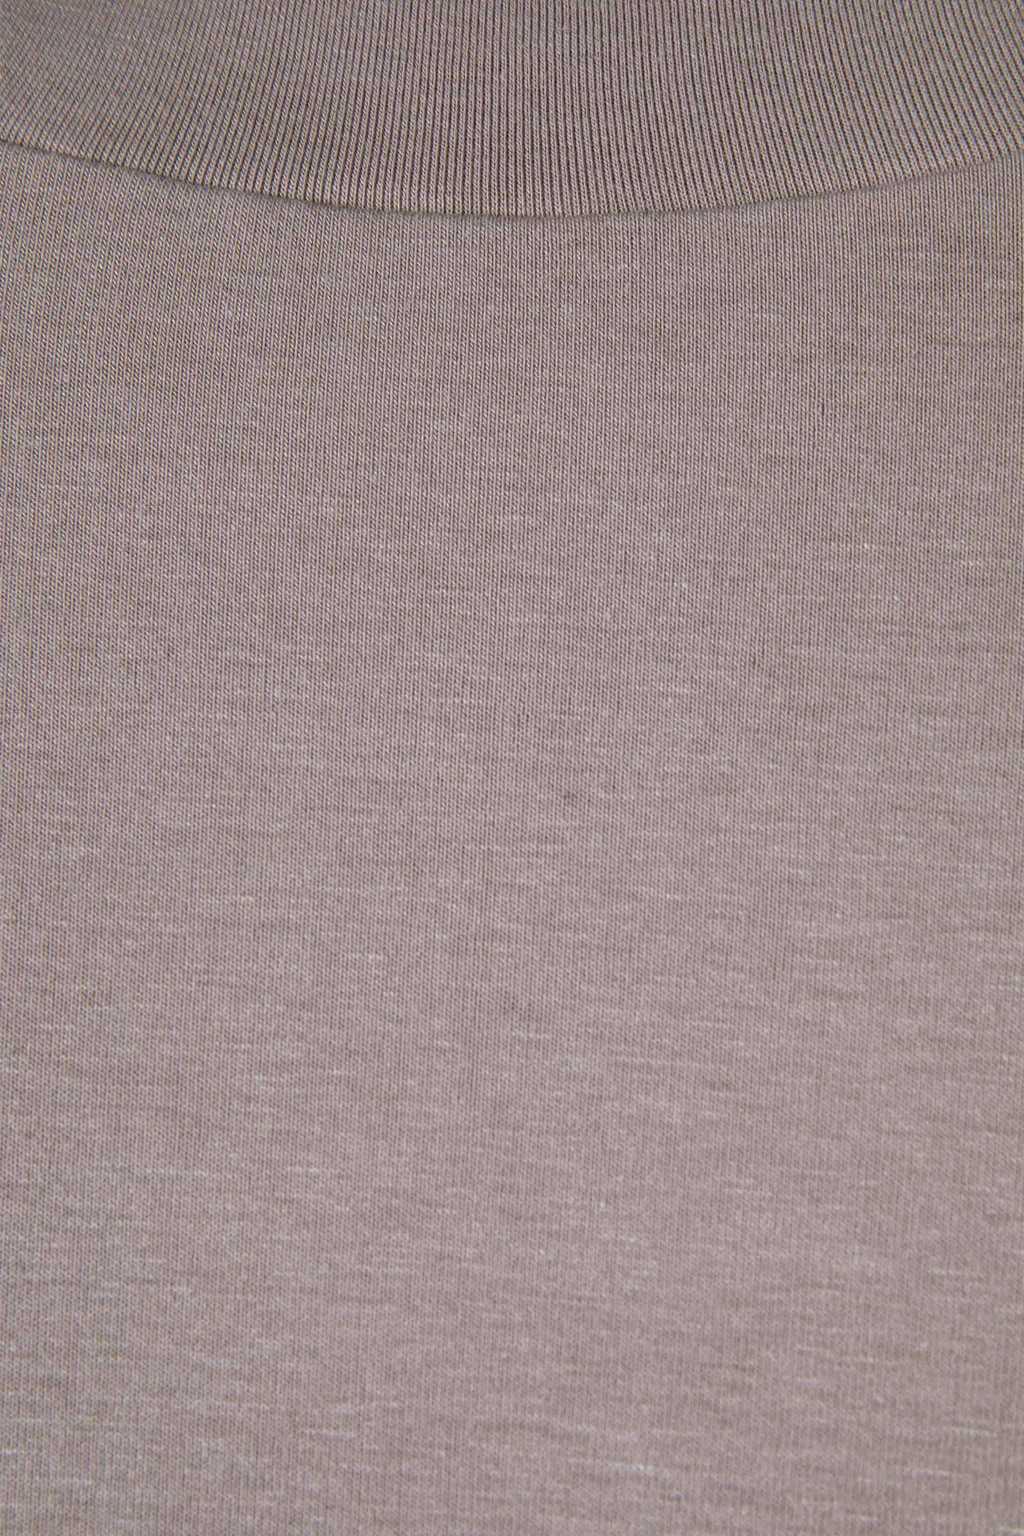 TShirt 2789 Gray 14